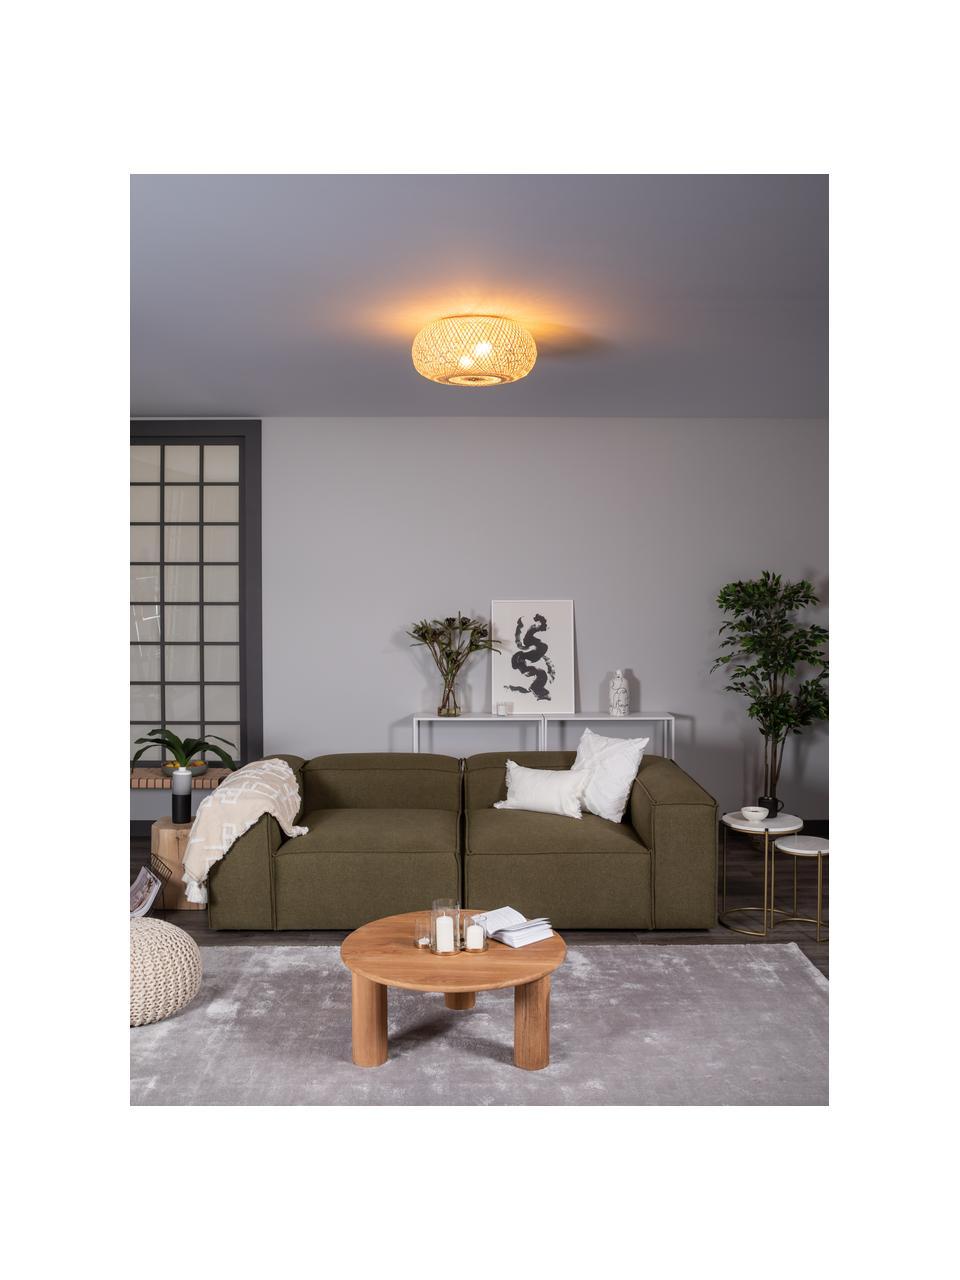 Lampa sufitowa z drewna bambusowego Evelyn, Klosz: drewno bambusowe osłona mocowania sufitowego i złącza: beżowy, matowy, Ø 50 x W 20 cm